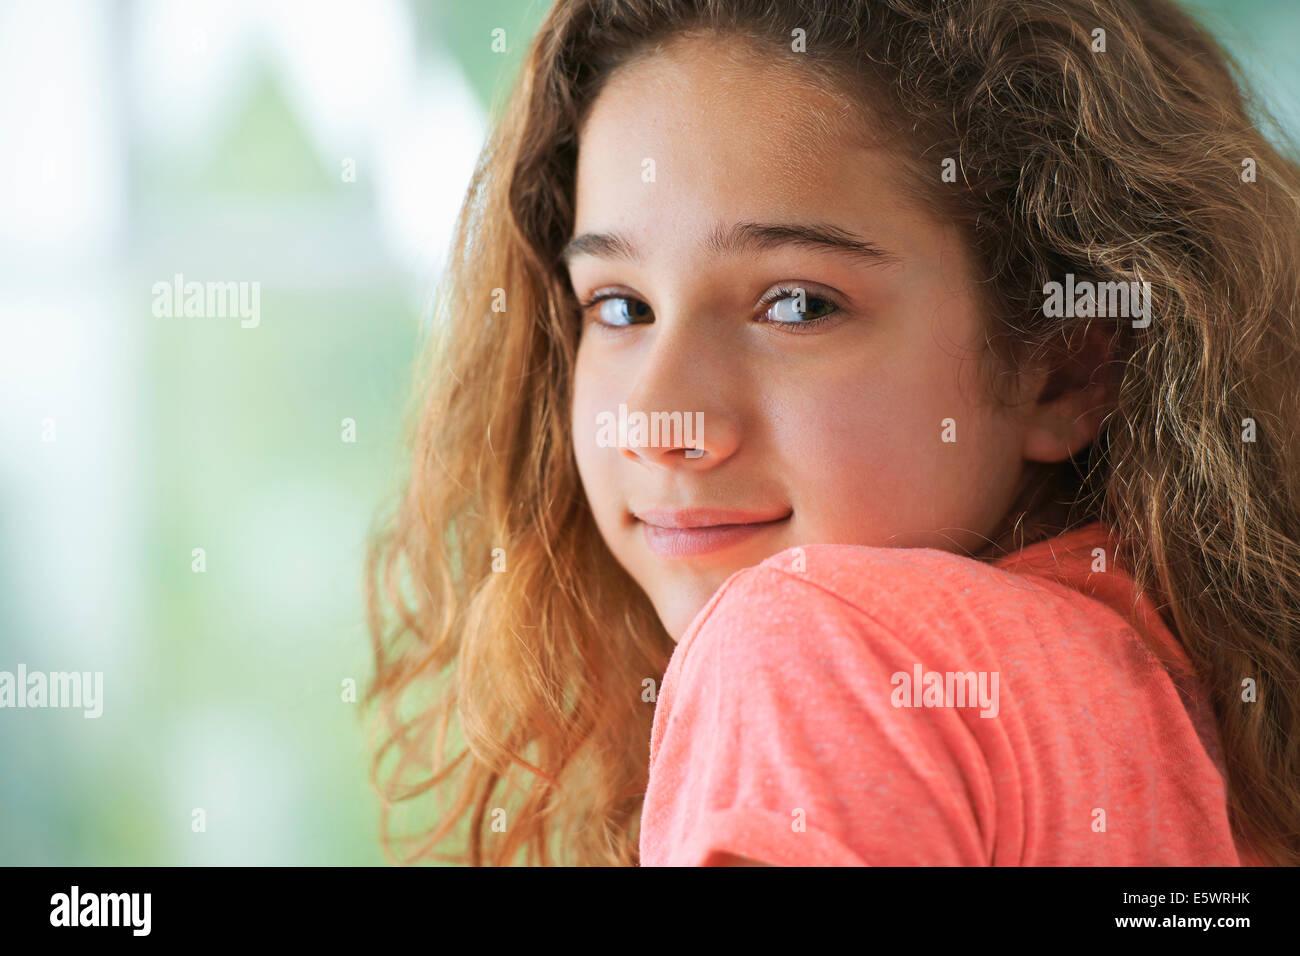 Jeune fille avec les cheveux bruns, smiling, portrait Photo Stock